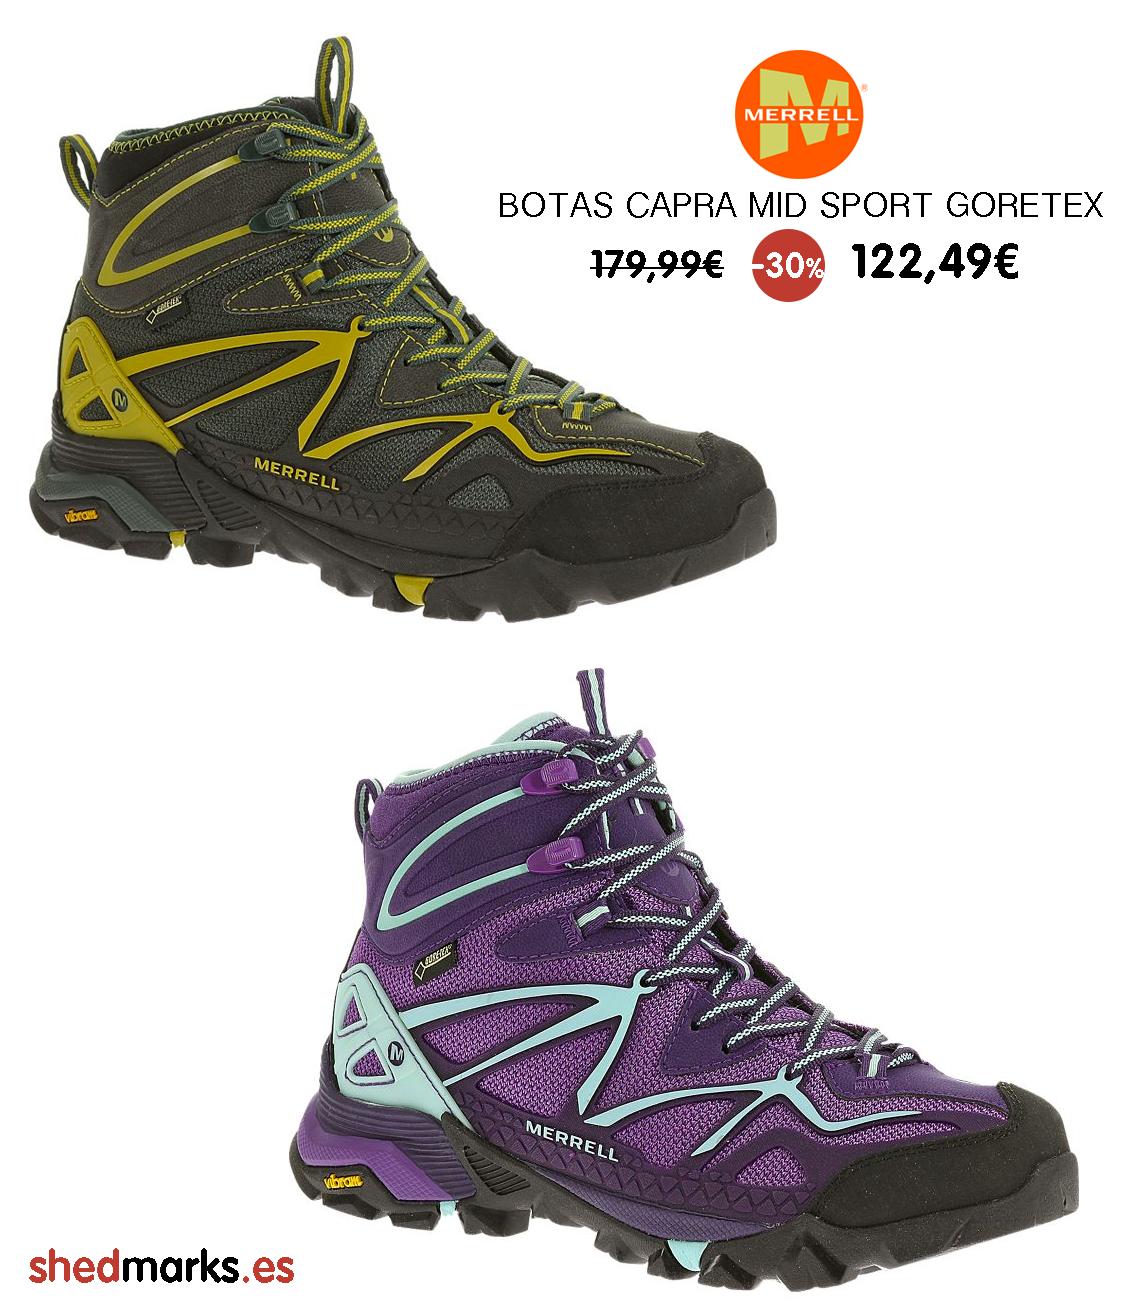 Pin de Antonio en Botines   Zapatos deportivos, Zapatos y Calzas